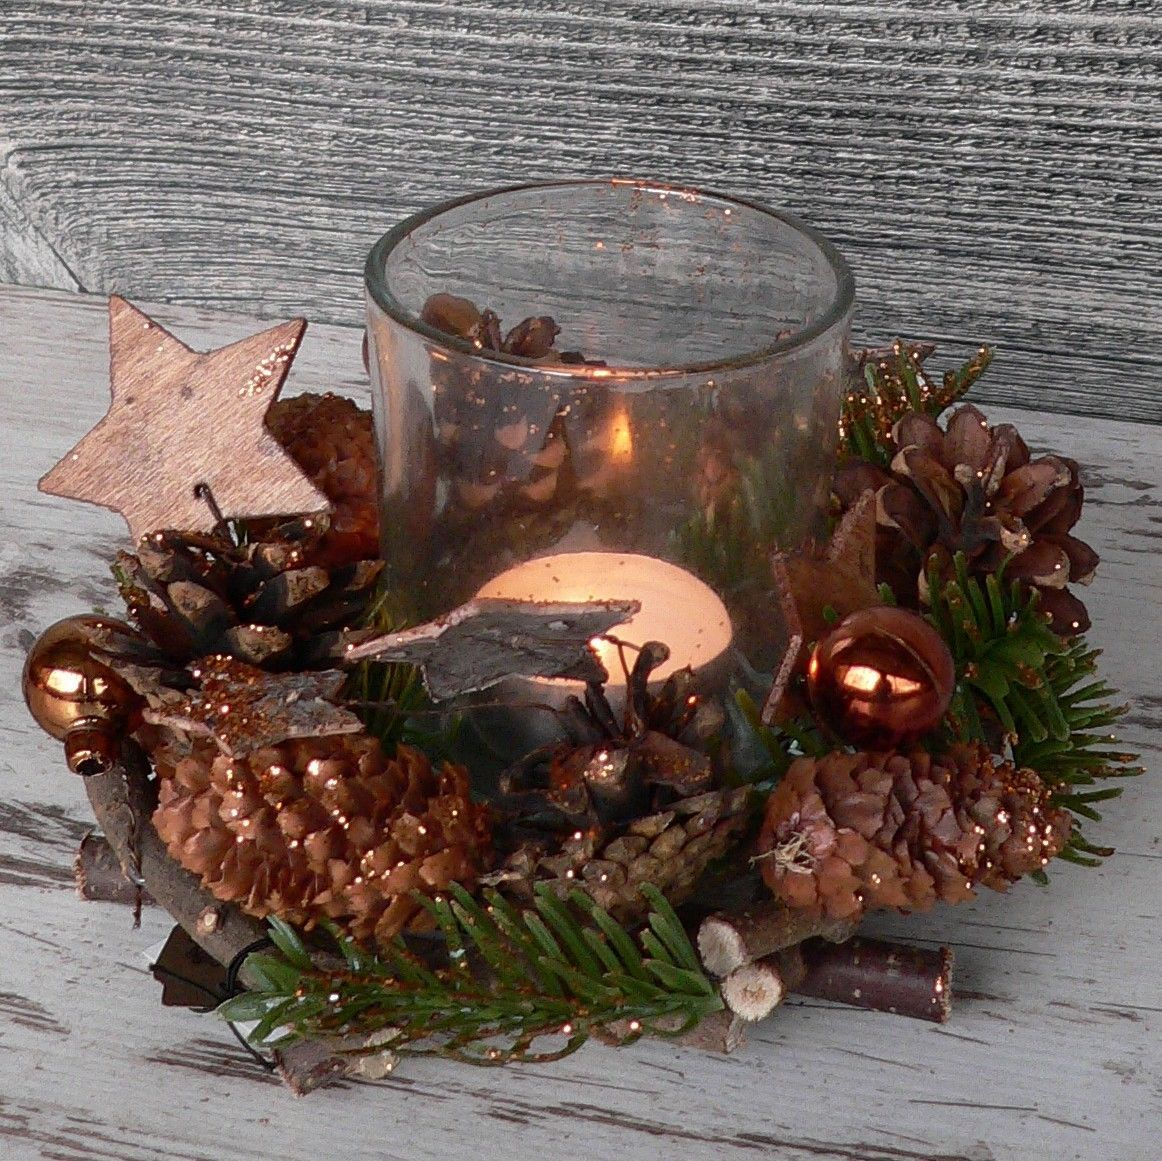 Holzkranz deko windlicht advent adventskranz weihnachten holz glas kupfer gr n weihnachten - Holzkranz dekorieren ...